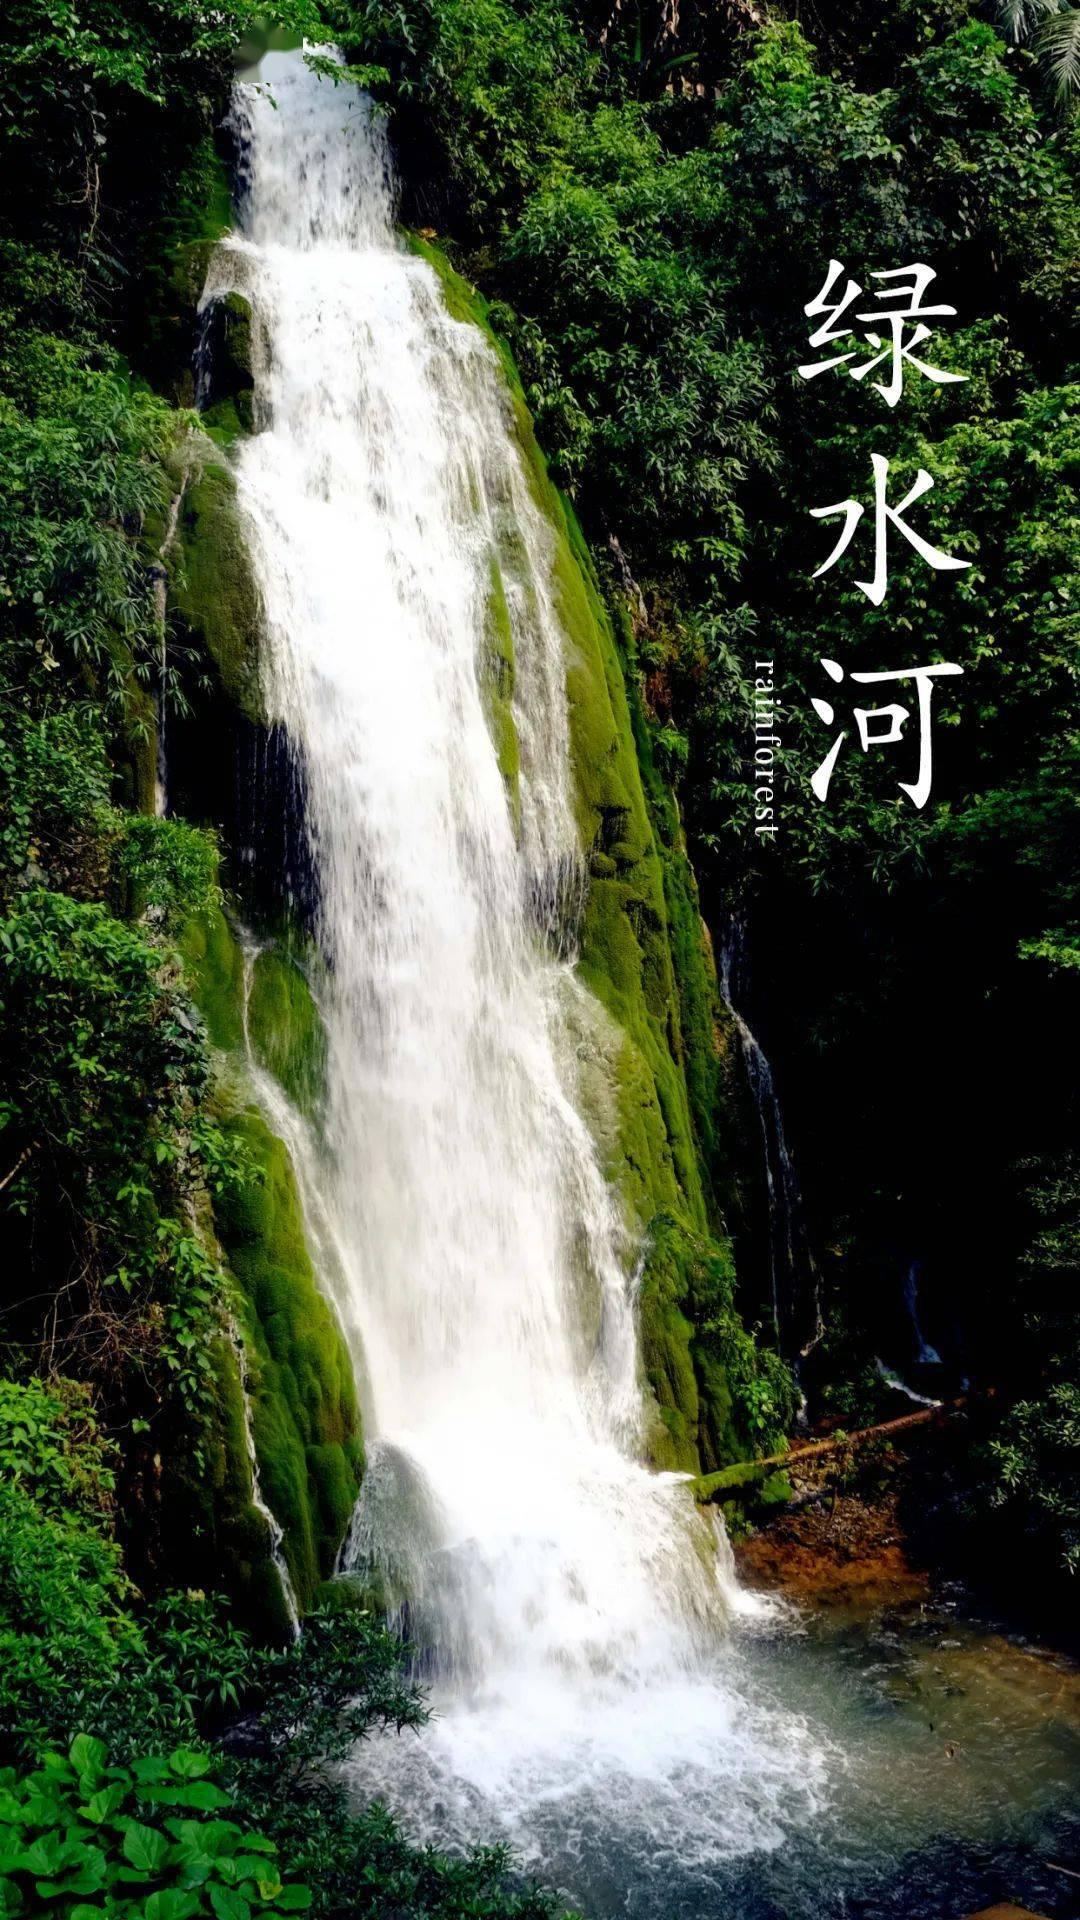 你知道吗?云南这个地方可以观赏到热带雨林哦~